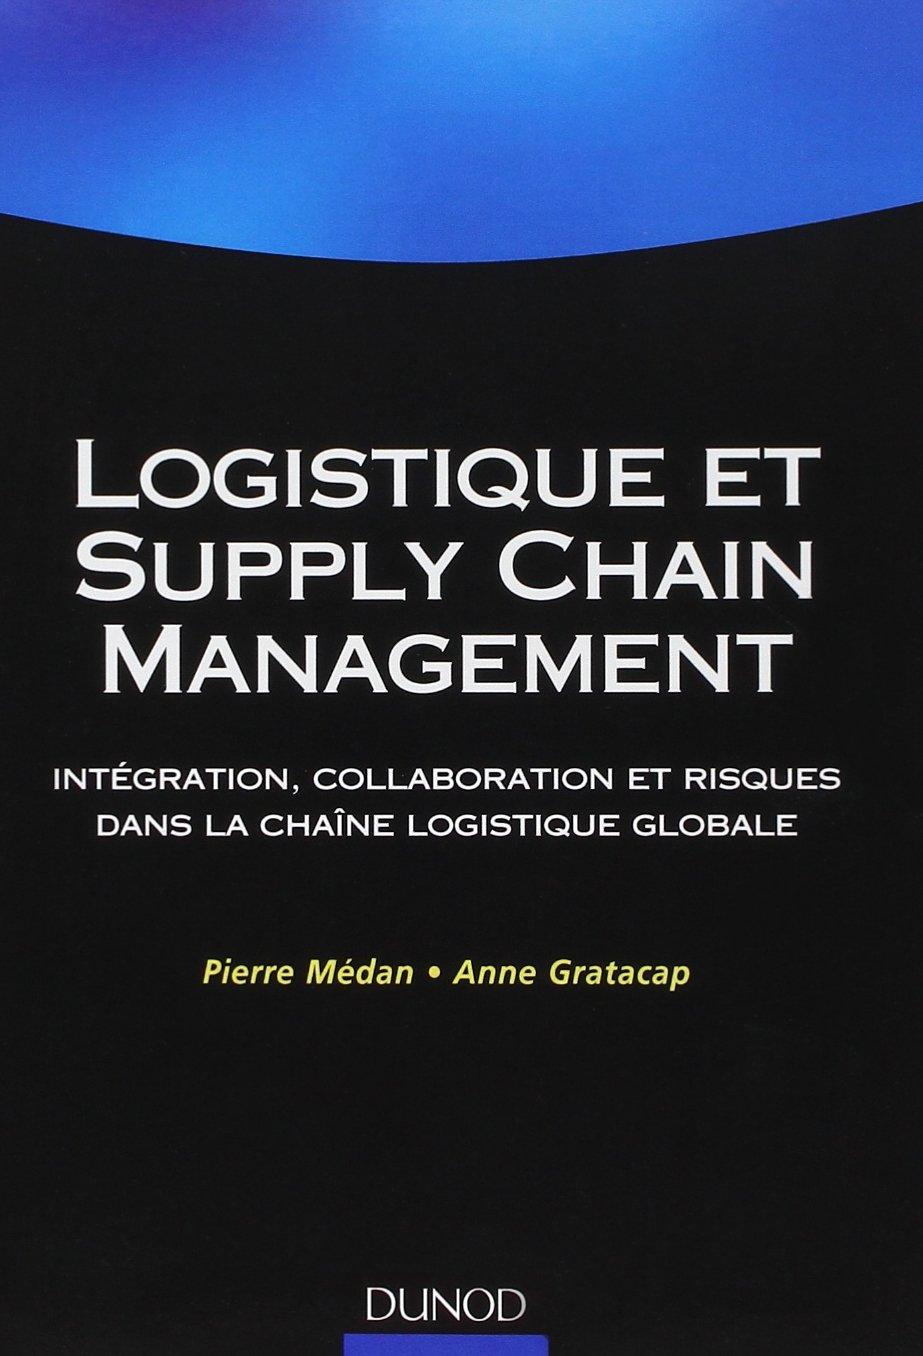 Logistique et supply chain management